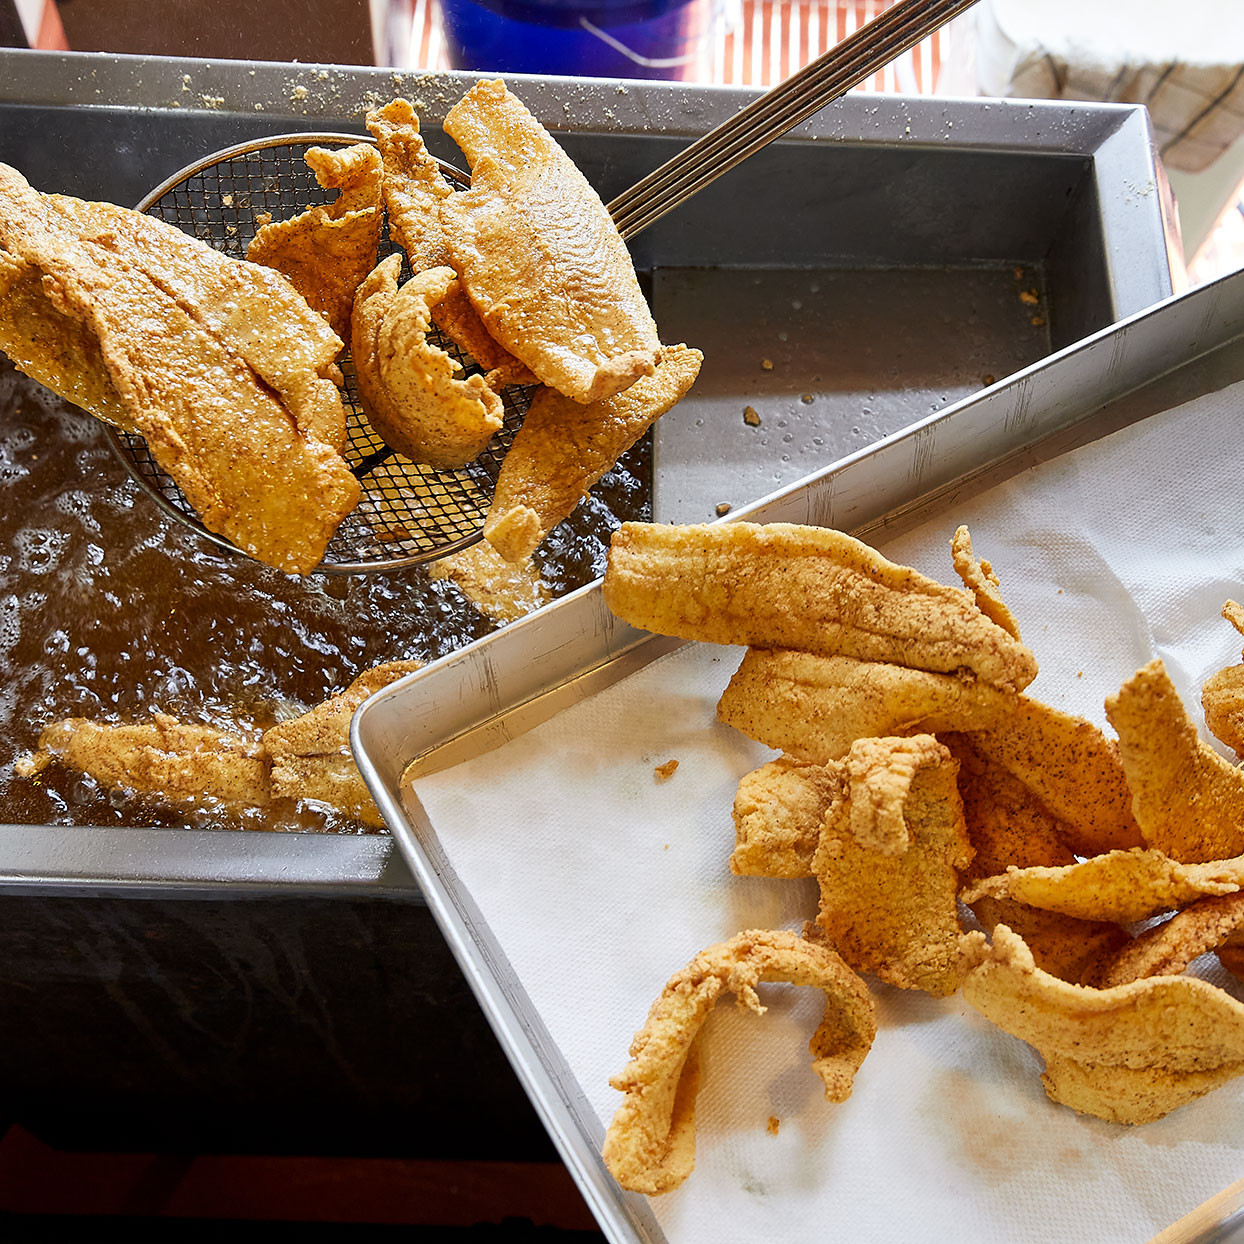 Fried Flounder Trusted Brands